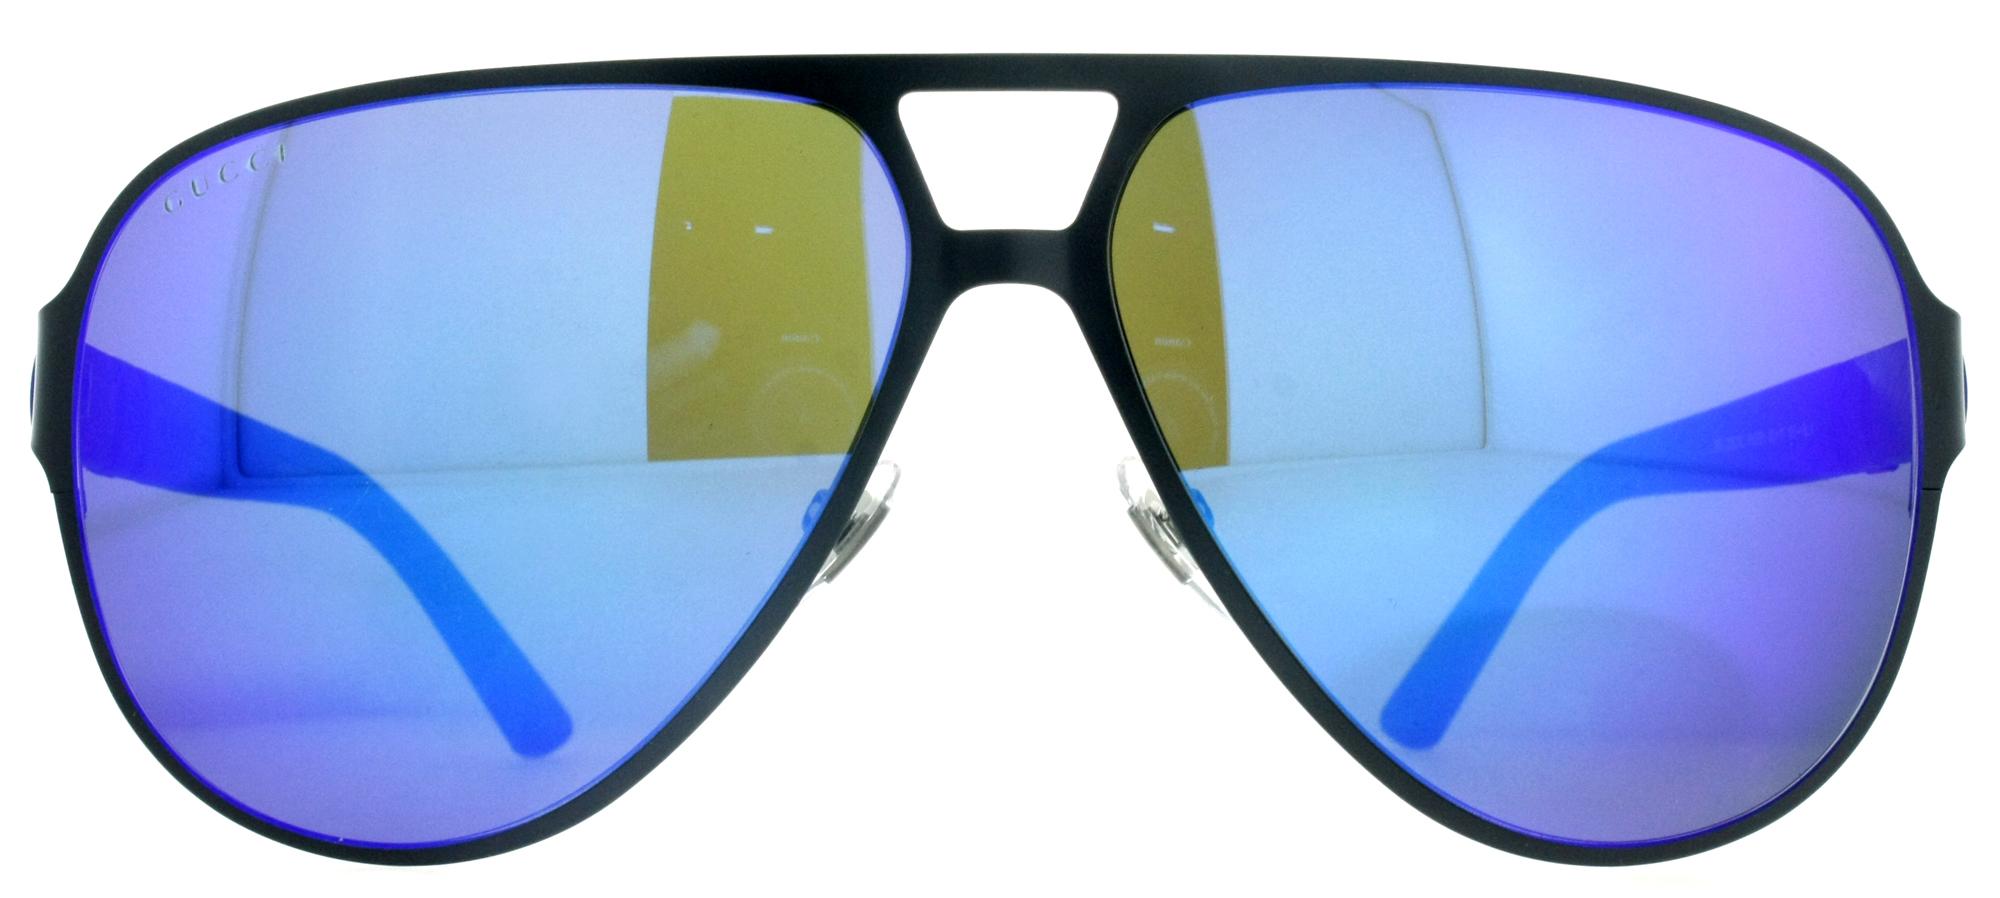 28cf415e02e Gucci Mens Aviator Sunglasses Gg 2252 S – McAllister Technical Services